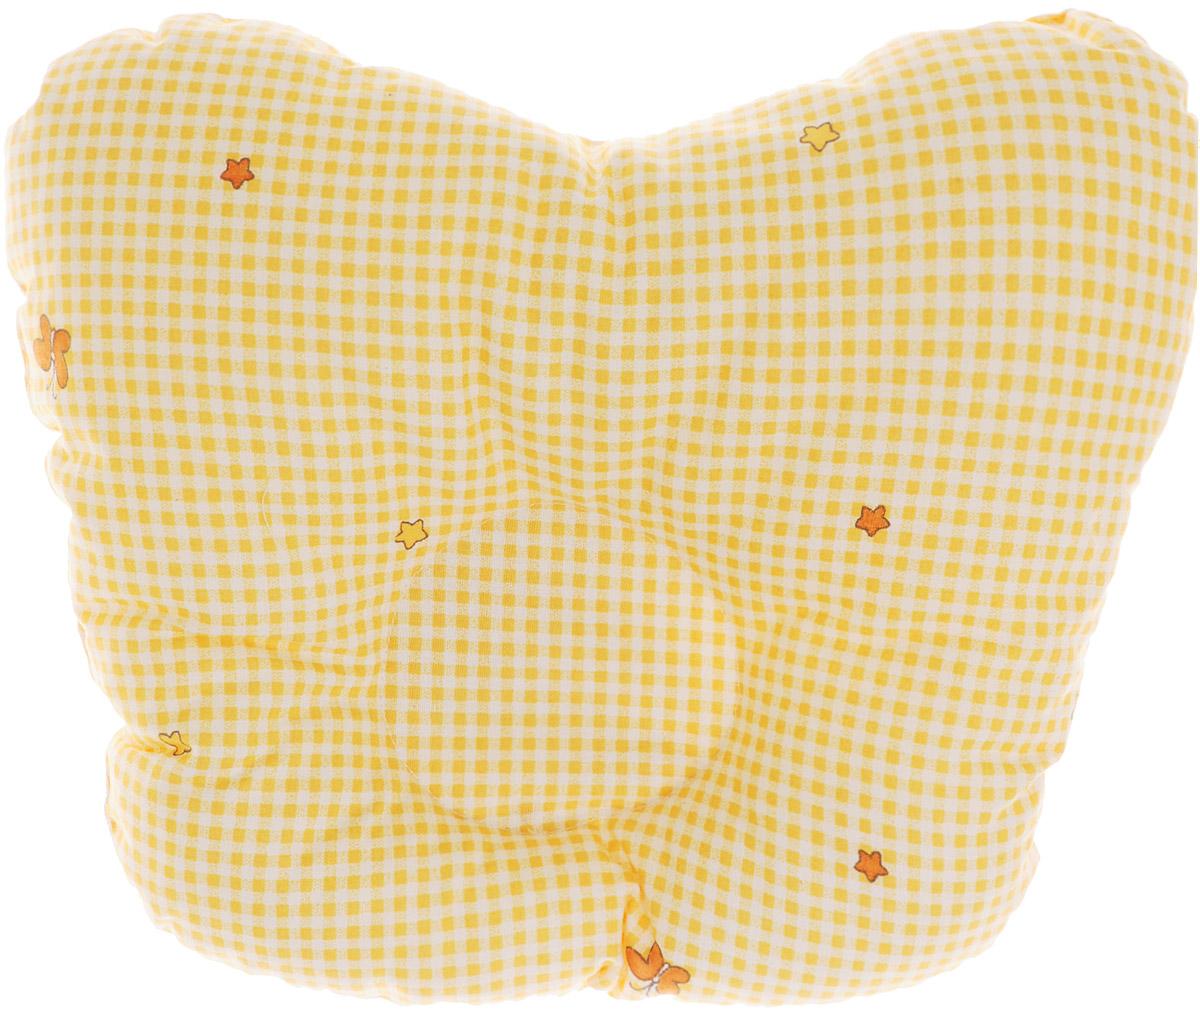 Сонный гномик Подушка анатомическая для младенцев Бабочки цвет желтый 27 х 27 см555А_желтый, бабочкиАнатомическая подушка для младенцев Сонный гномик Бабочки изготовлена из бязи - 100% хлопка. Наполнитель - синтепон в гранулах (100% полиэстер). Подушка компактна и удобна для пеленания малыша и кормления на руках, она также незаменима для сна ребенка в кроватке и комфортна для использования в коляске на прогулке. Углубление в подушке фиксирует правильное положение головы ребенка. Подушка помогает правильному формированию шейного отдела позвоночника.